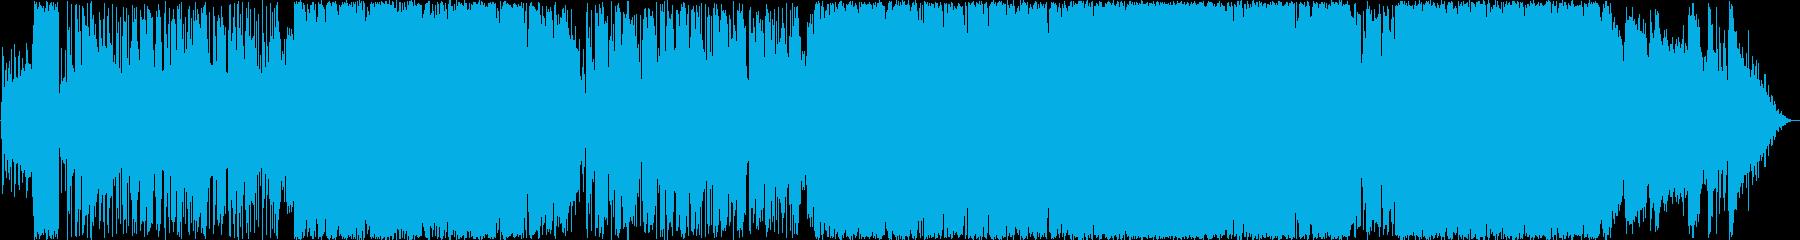 切ない壮大なバラードの再生済みの波形